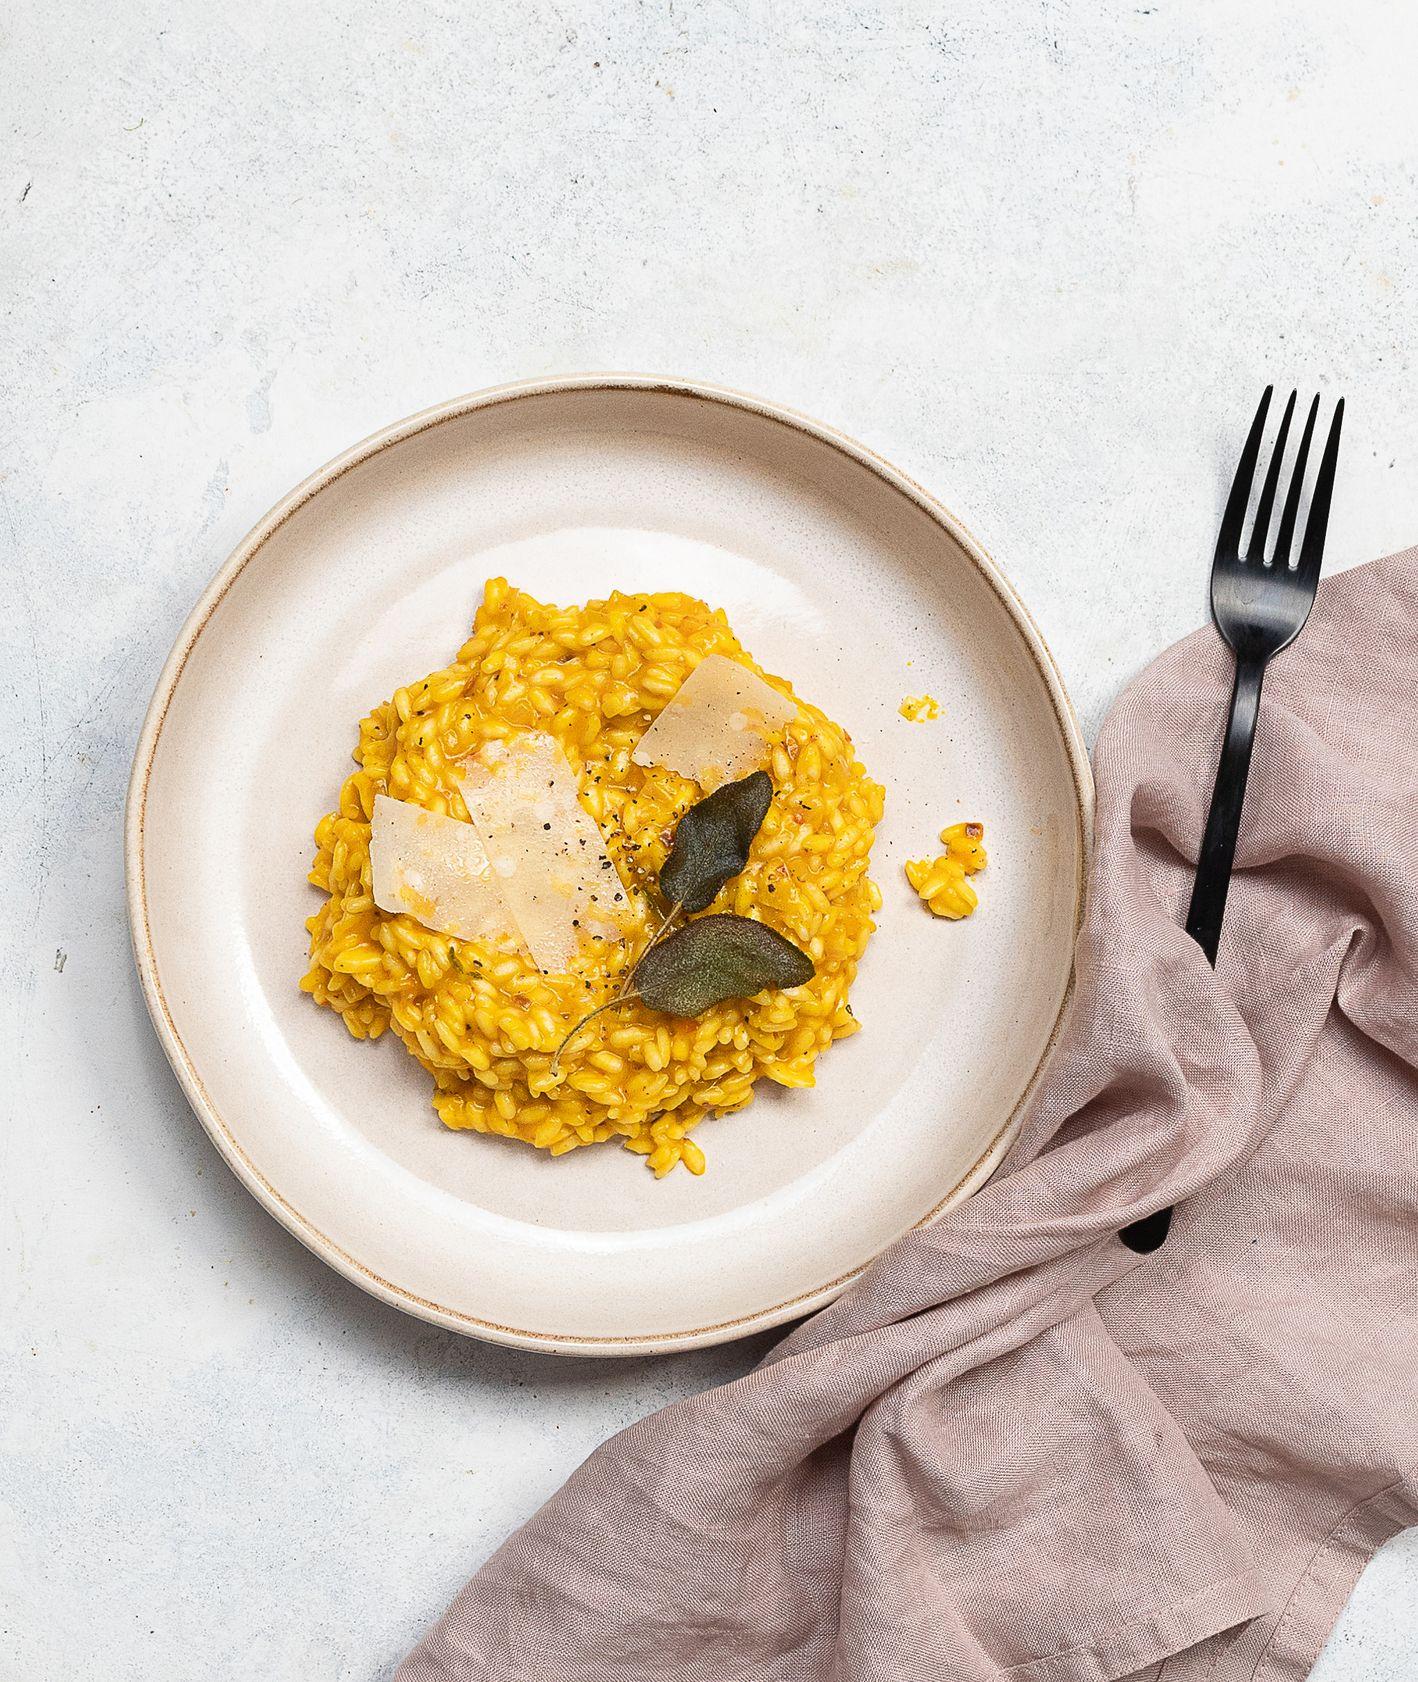 Jak zrobić dyniowe risotto. Przepis na pyszne i proste risotto (fot. Paulina Czyżewska)